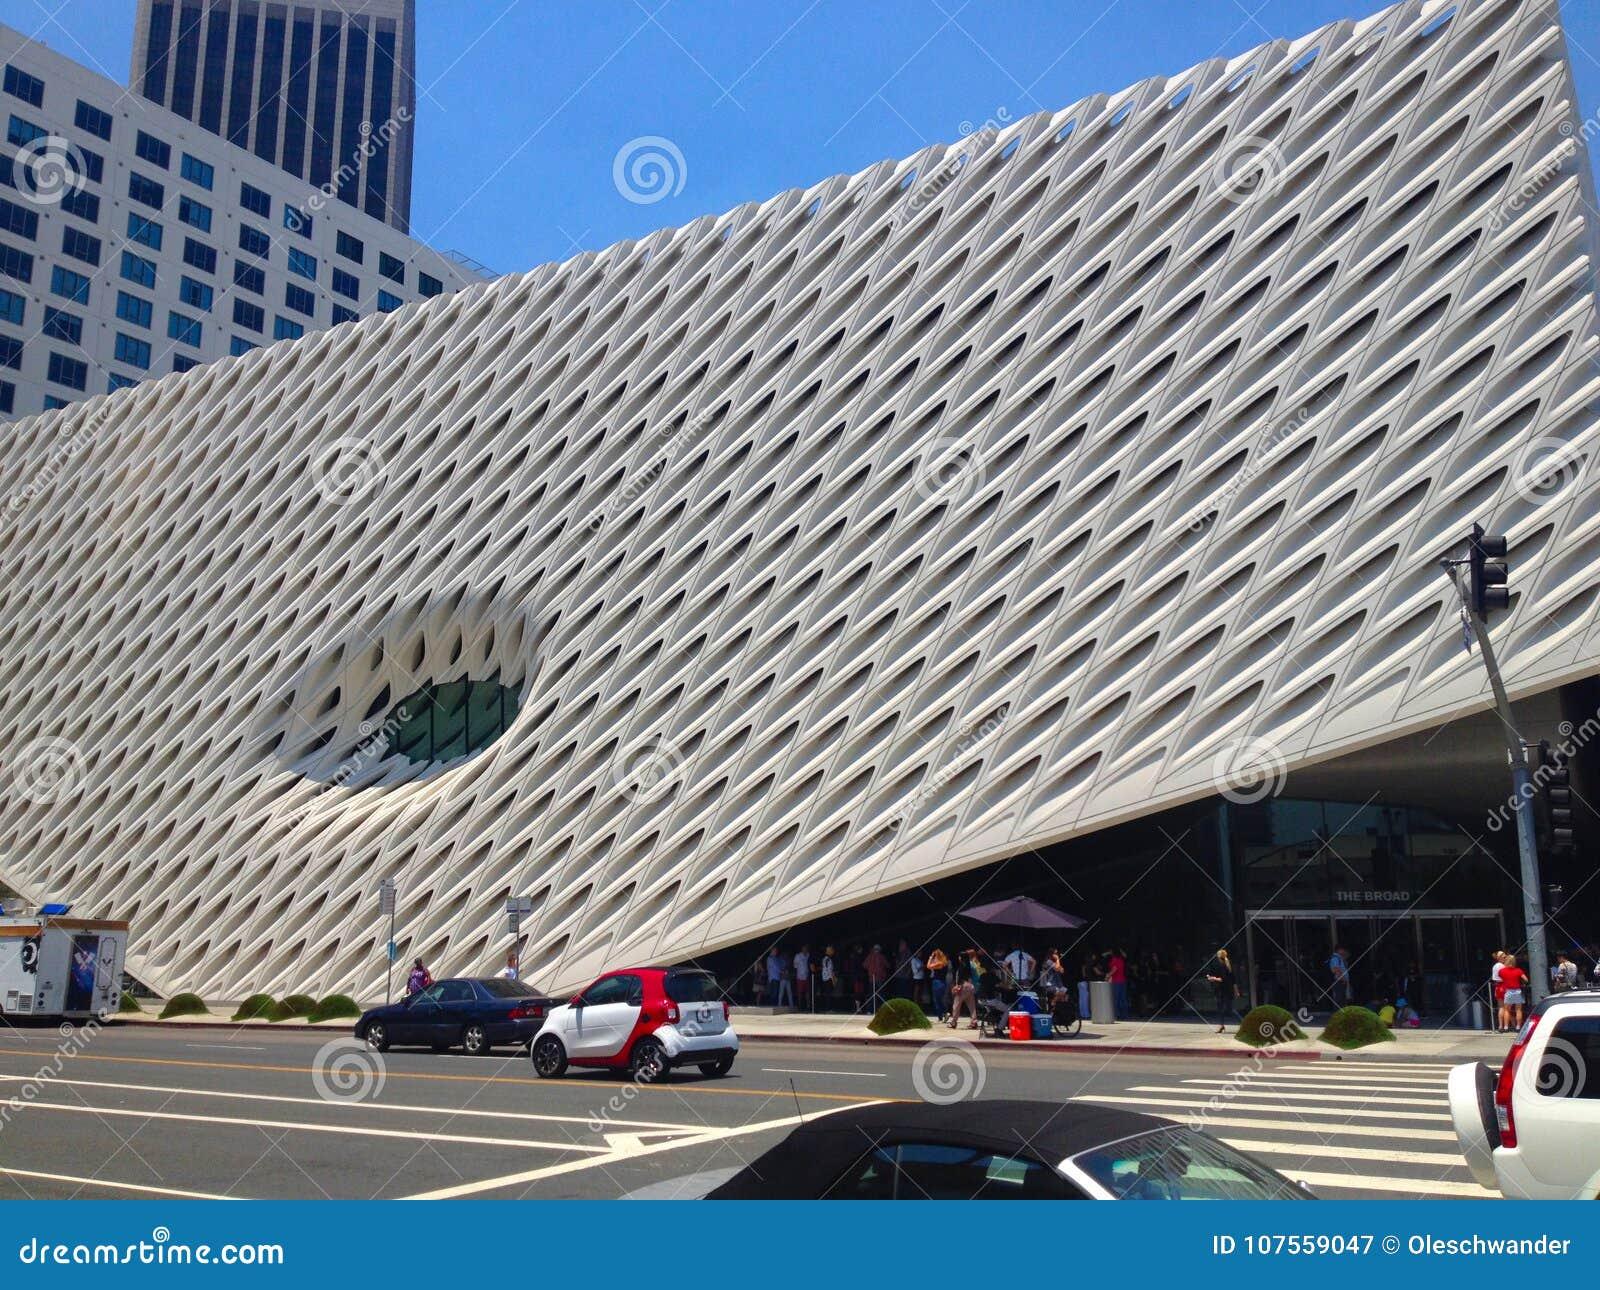 O largo, um museu de arte contemporânea em Los Angeles, Califórnia, casa a 2000 obras de arte na coleção larga